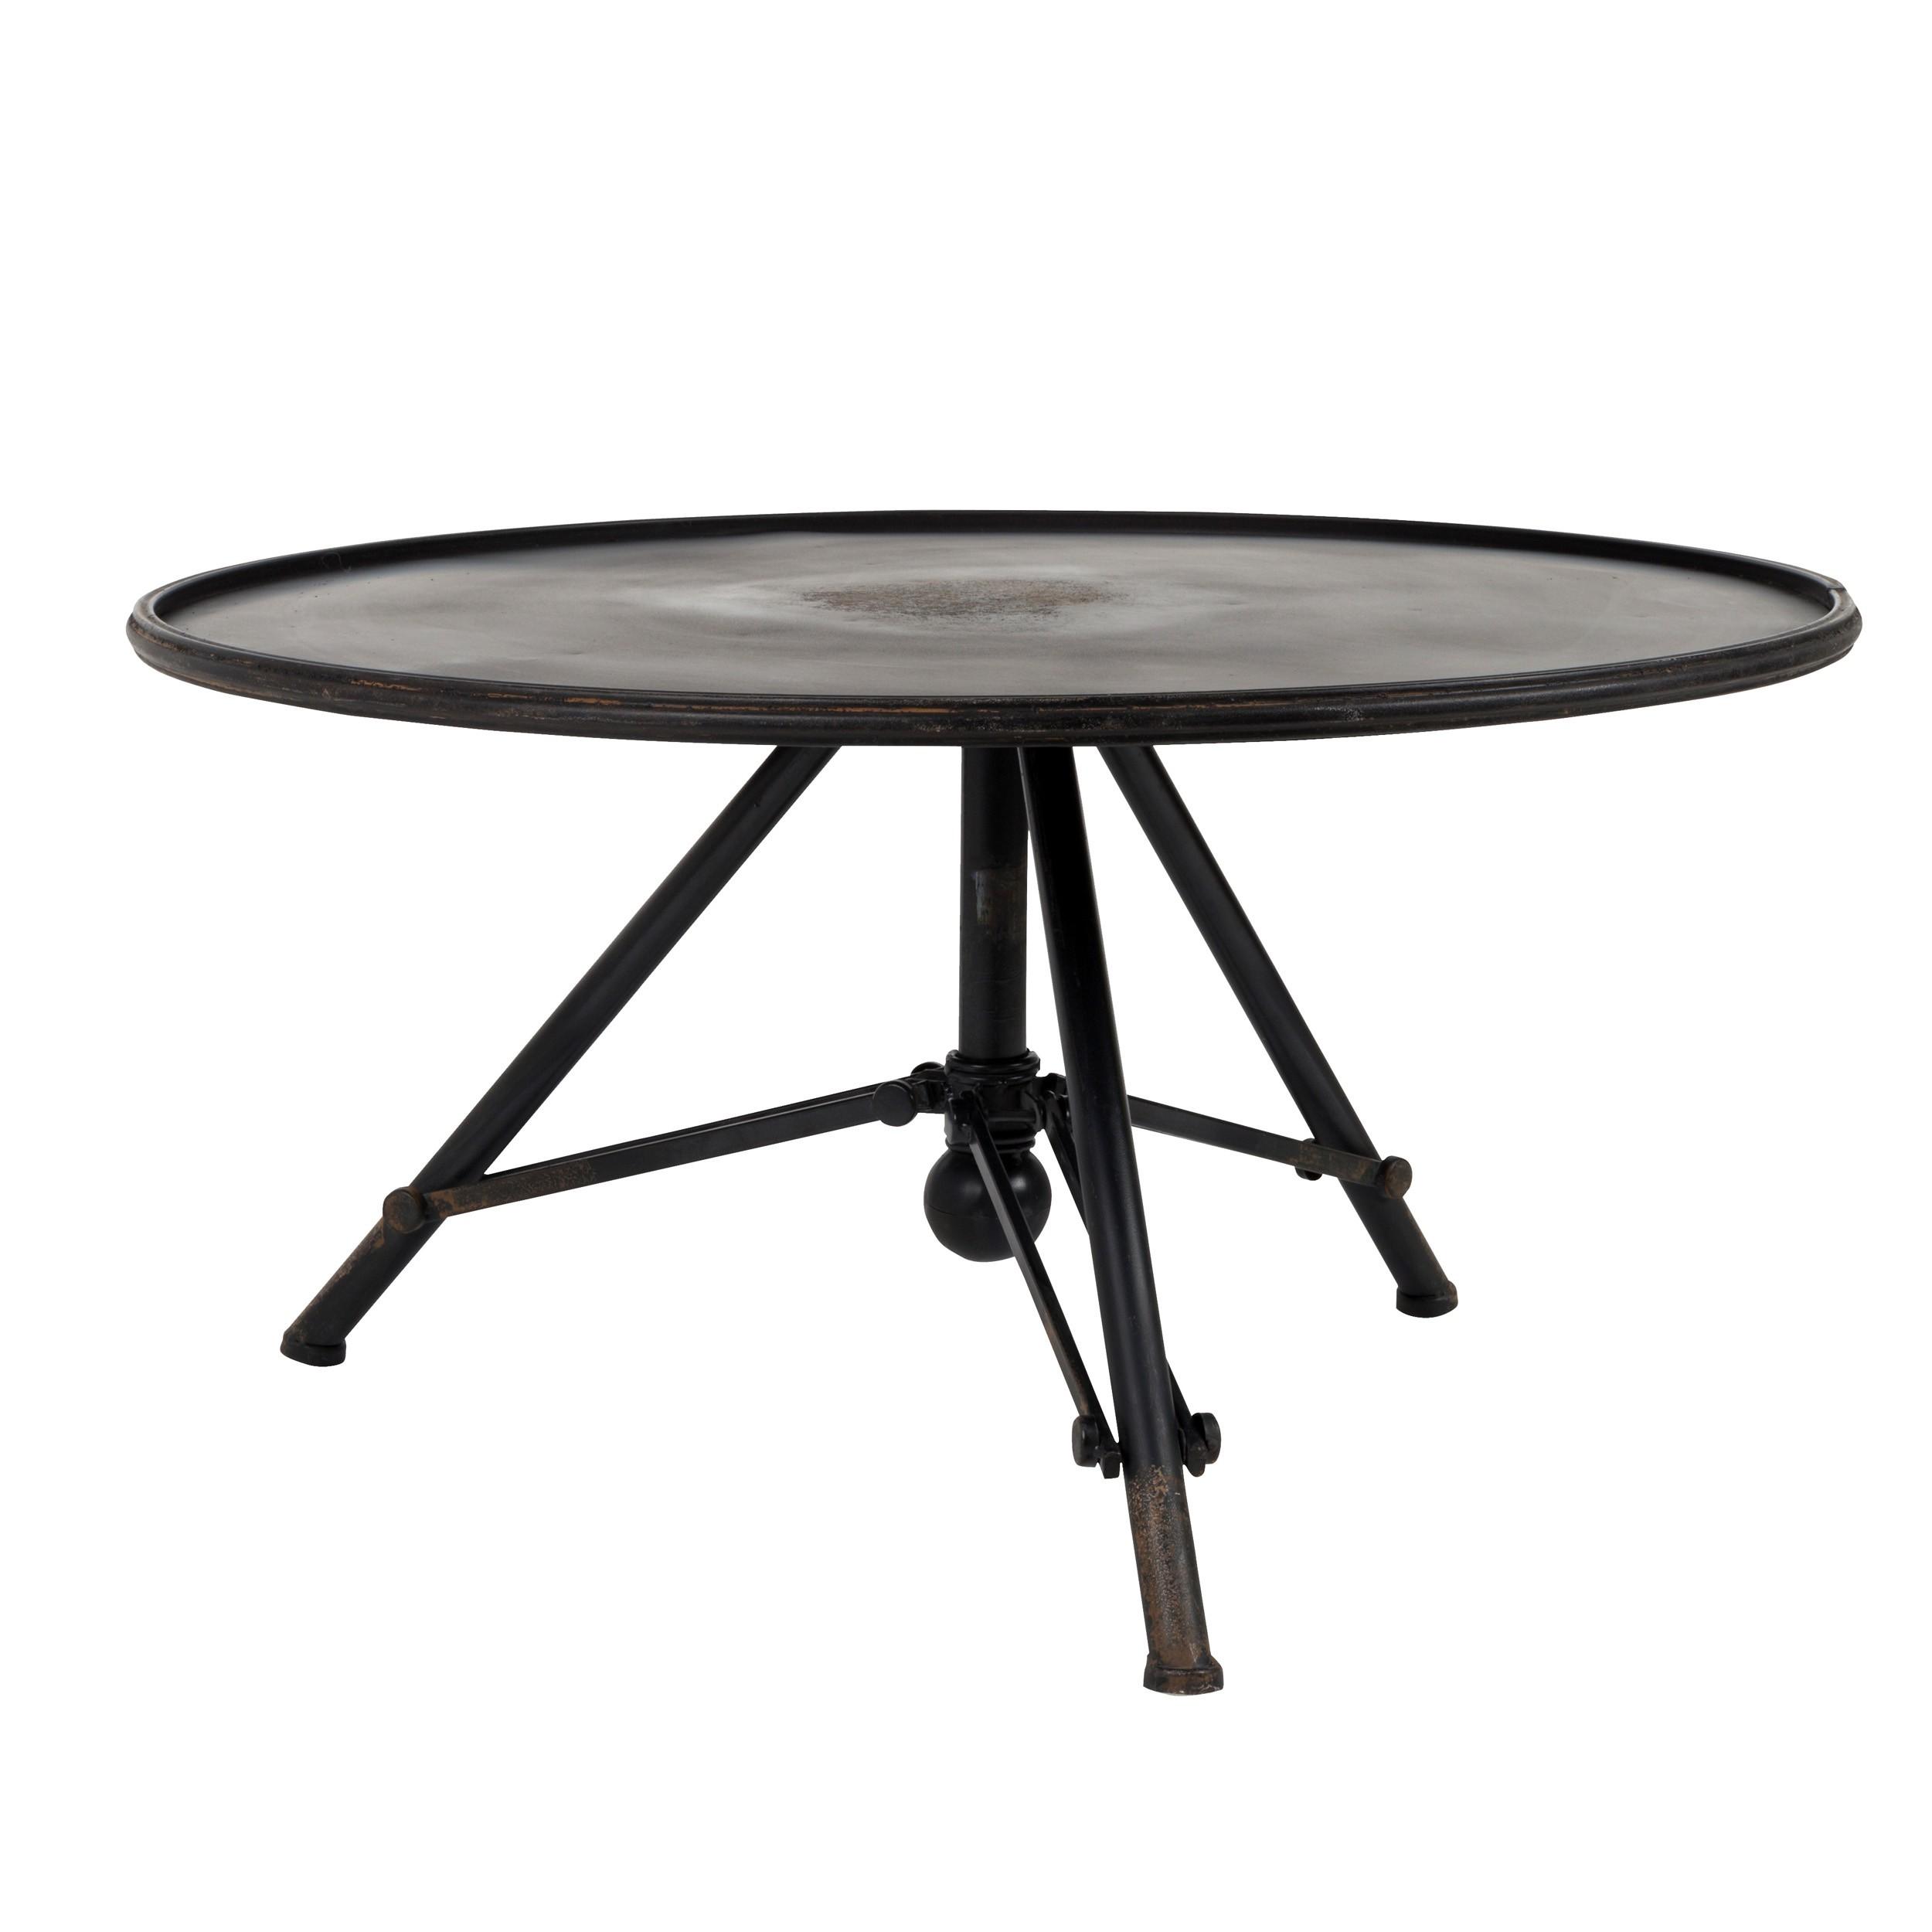 acheter-table-basse-brok-78-cm Impressionnant De Table Basse Opium Conception